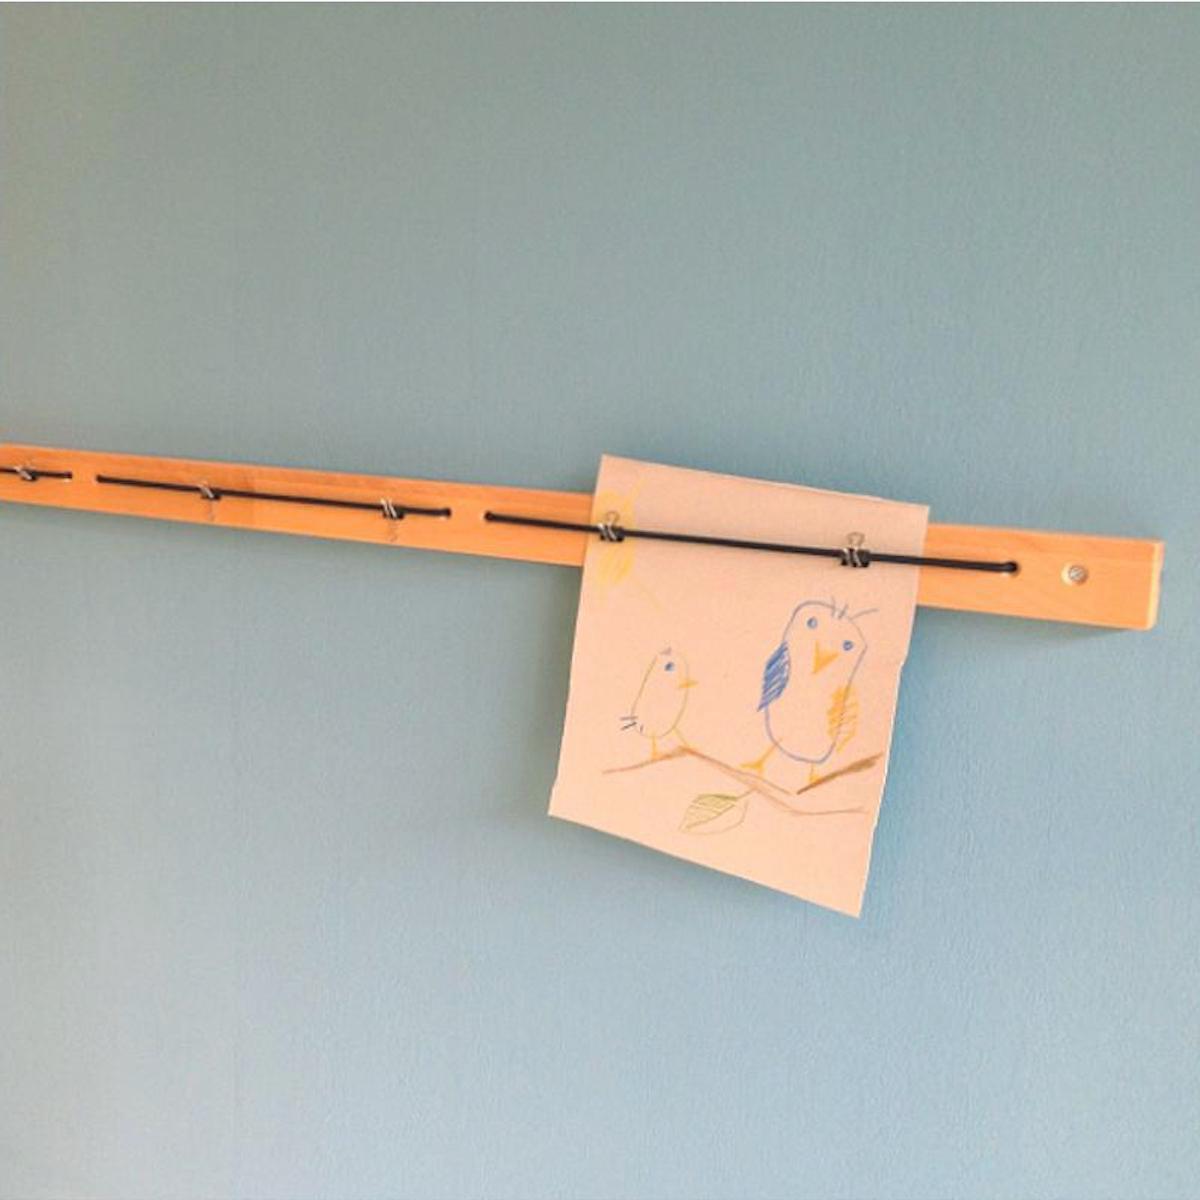 Bilderleiste DESTYLE de Breuyn 120cm Buche-natur geölt schwarzes Gummiband